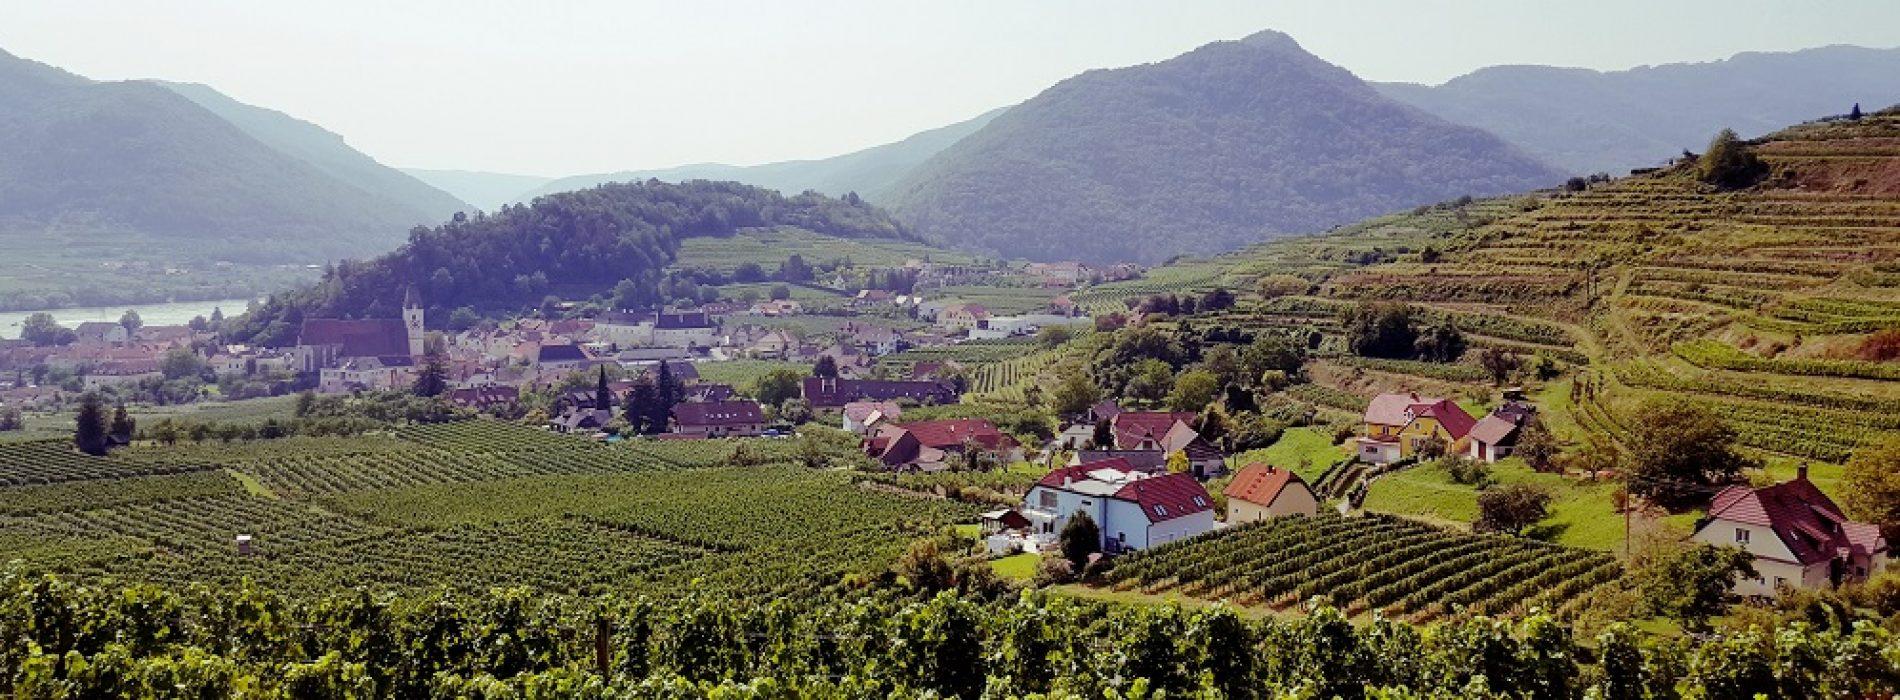 Heuriger, tradiția vienezilor de a se bucura toamna de vinul nou